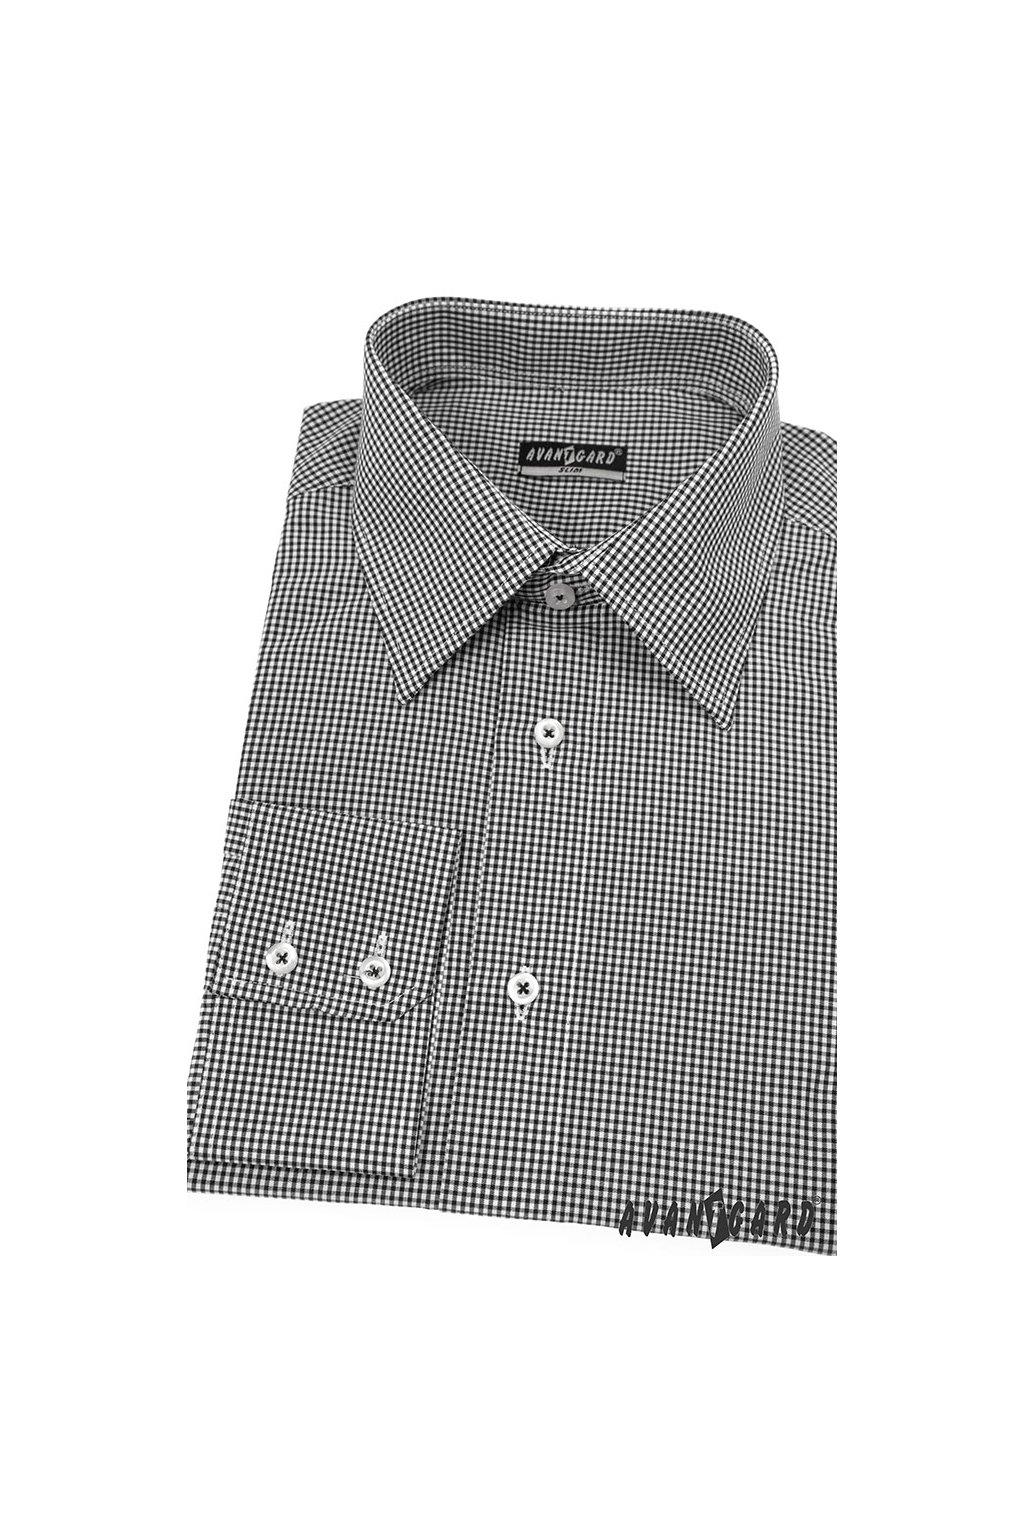 Pánská košile AVANTGARD SLIM dl. ruk. černá 115 - 2303